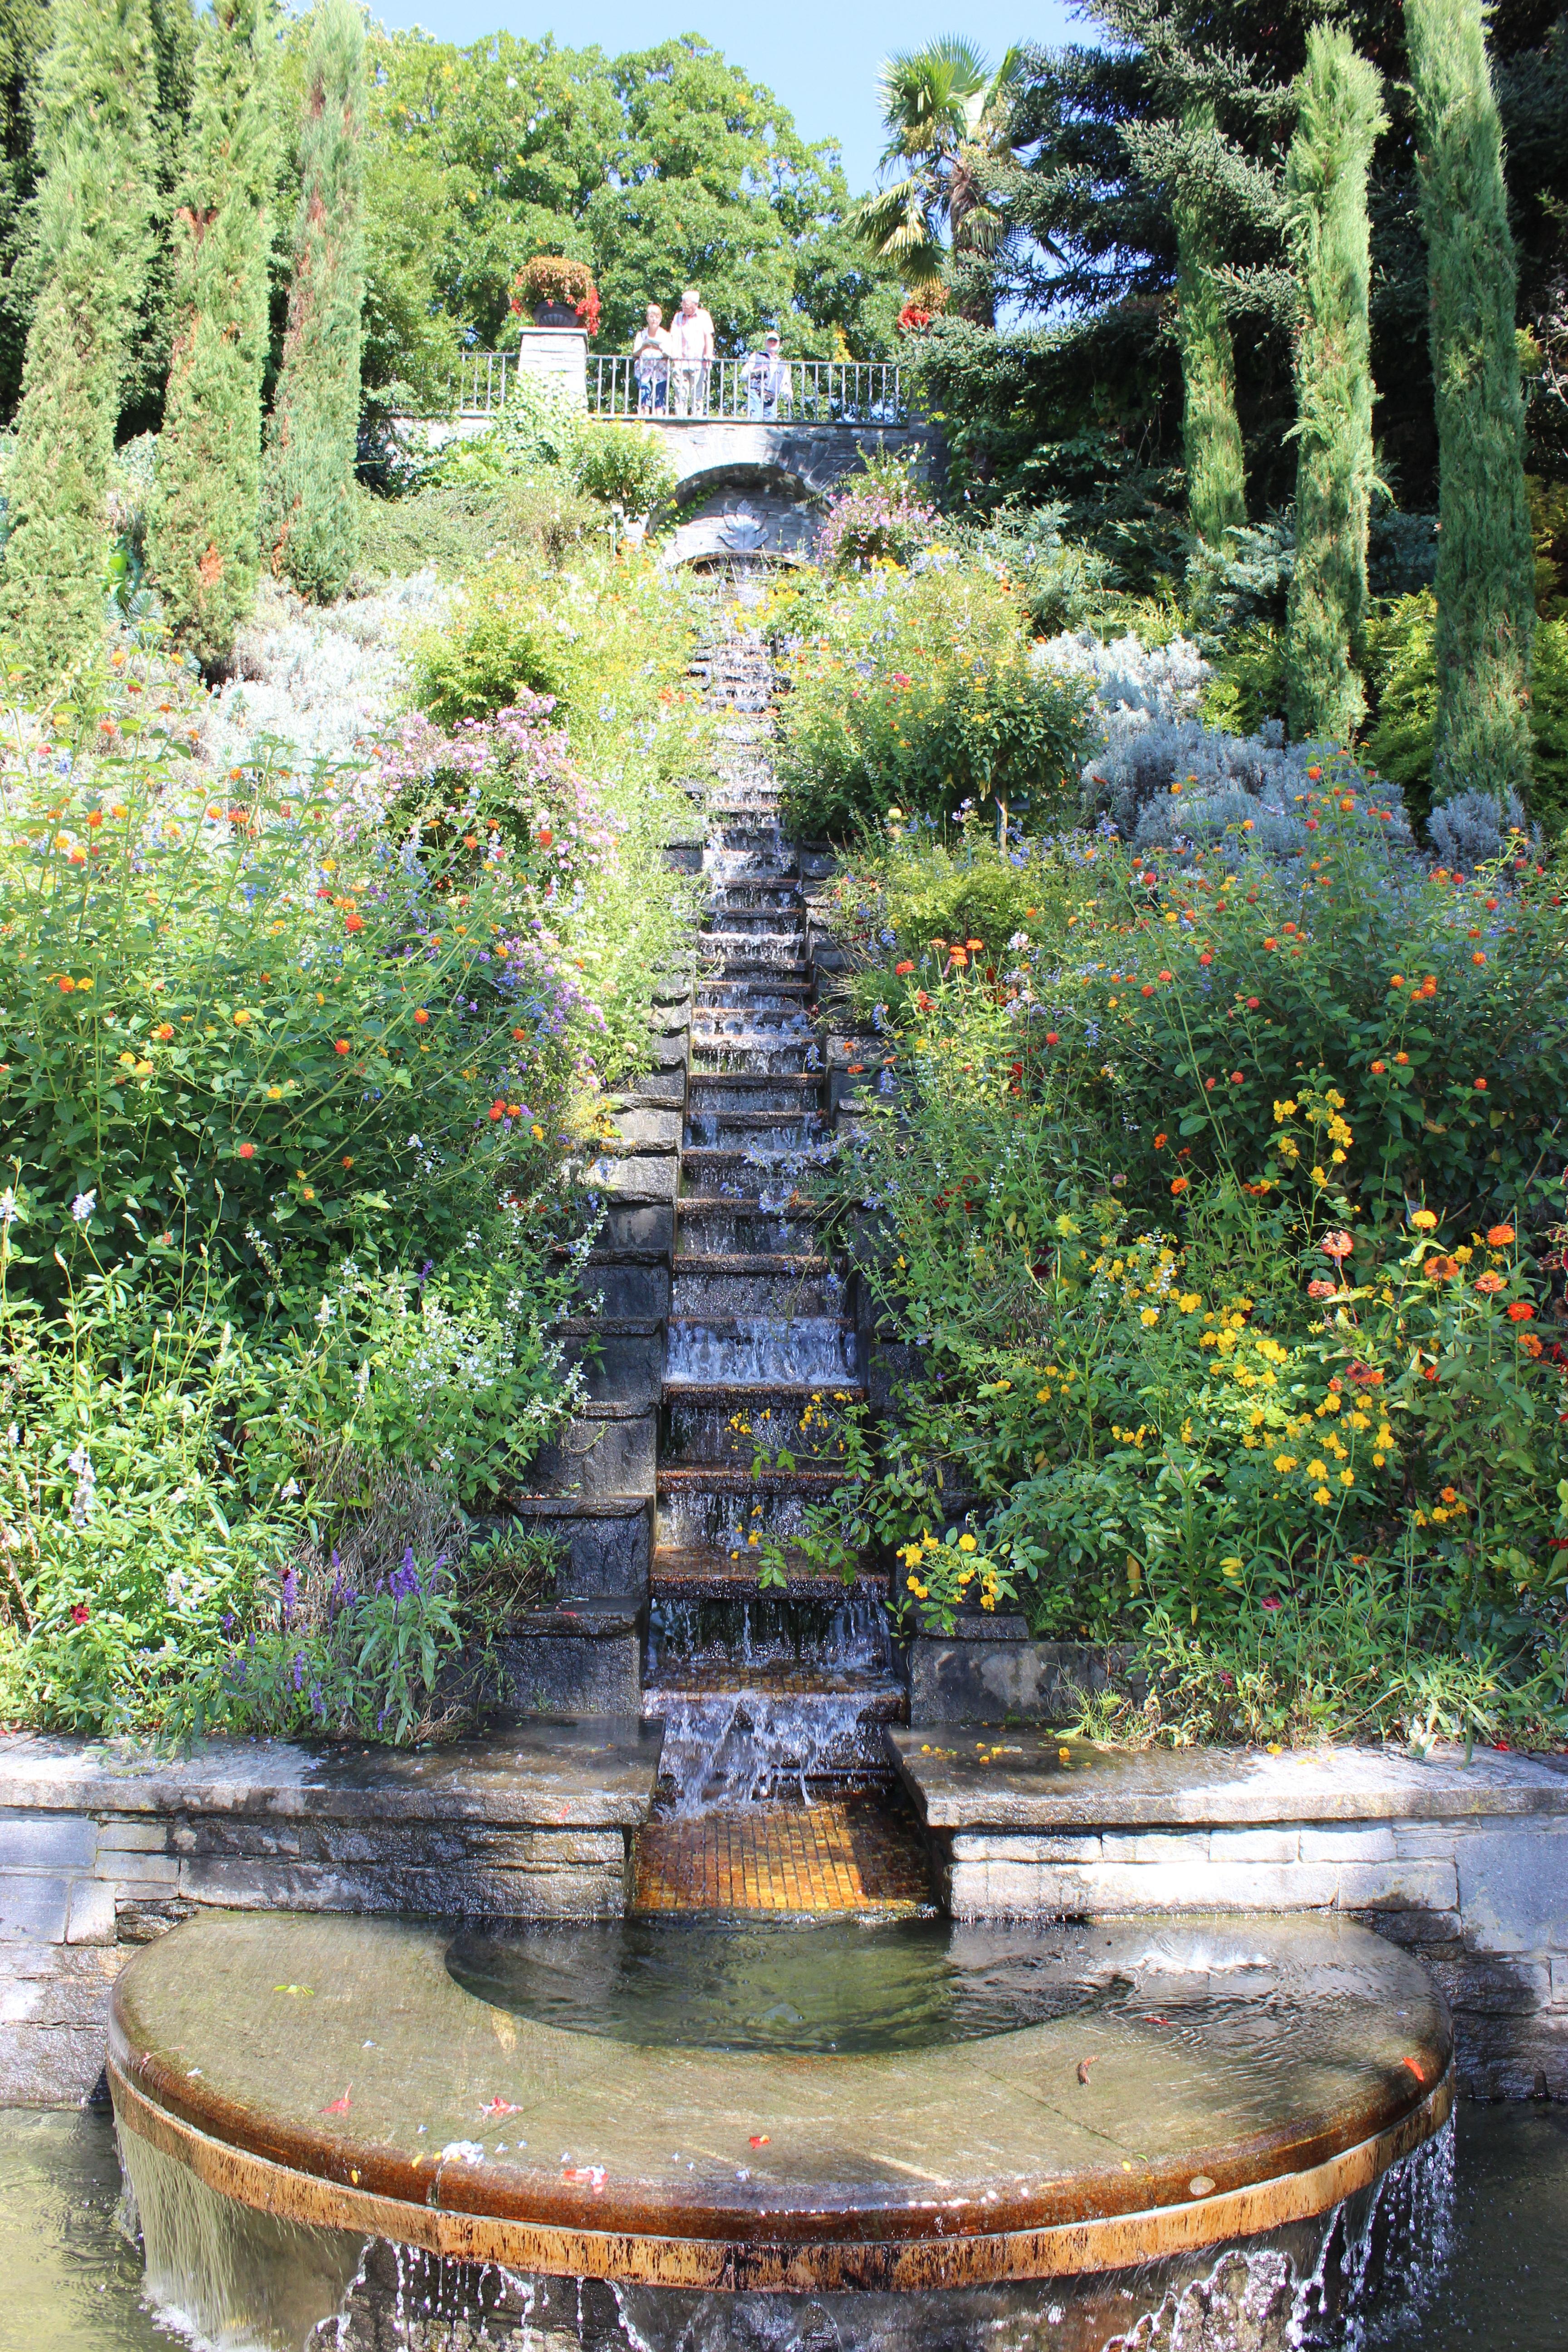 rbol agua cascada planta flor ver estanque otoo parque isla botnica jardn flores escalera fuente jardn